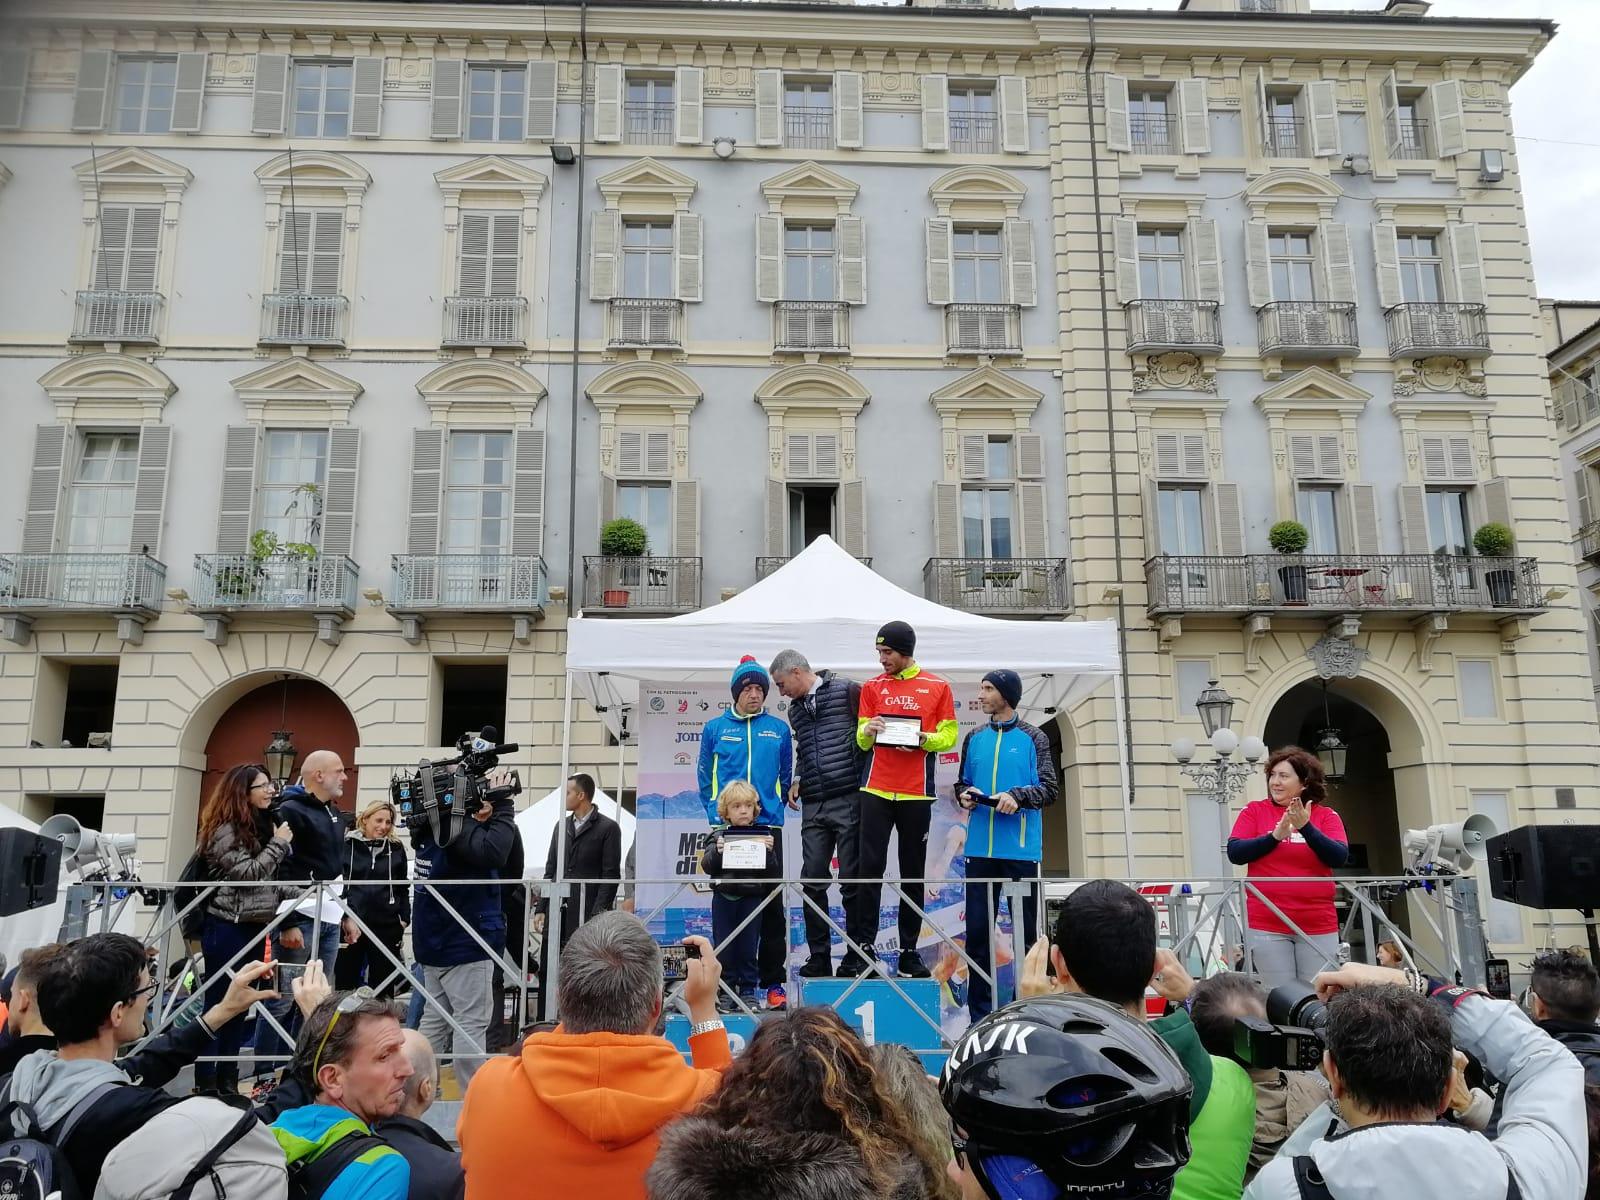 Atletica leggera: il bilancio di Giovanni Grano dopo la maratona di Torino che lo ha visto tagliare il traguardo come primo degli italiani.